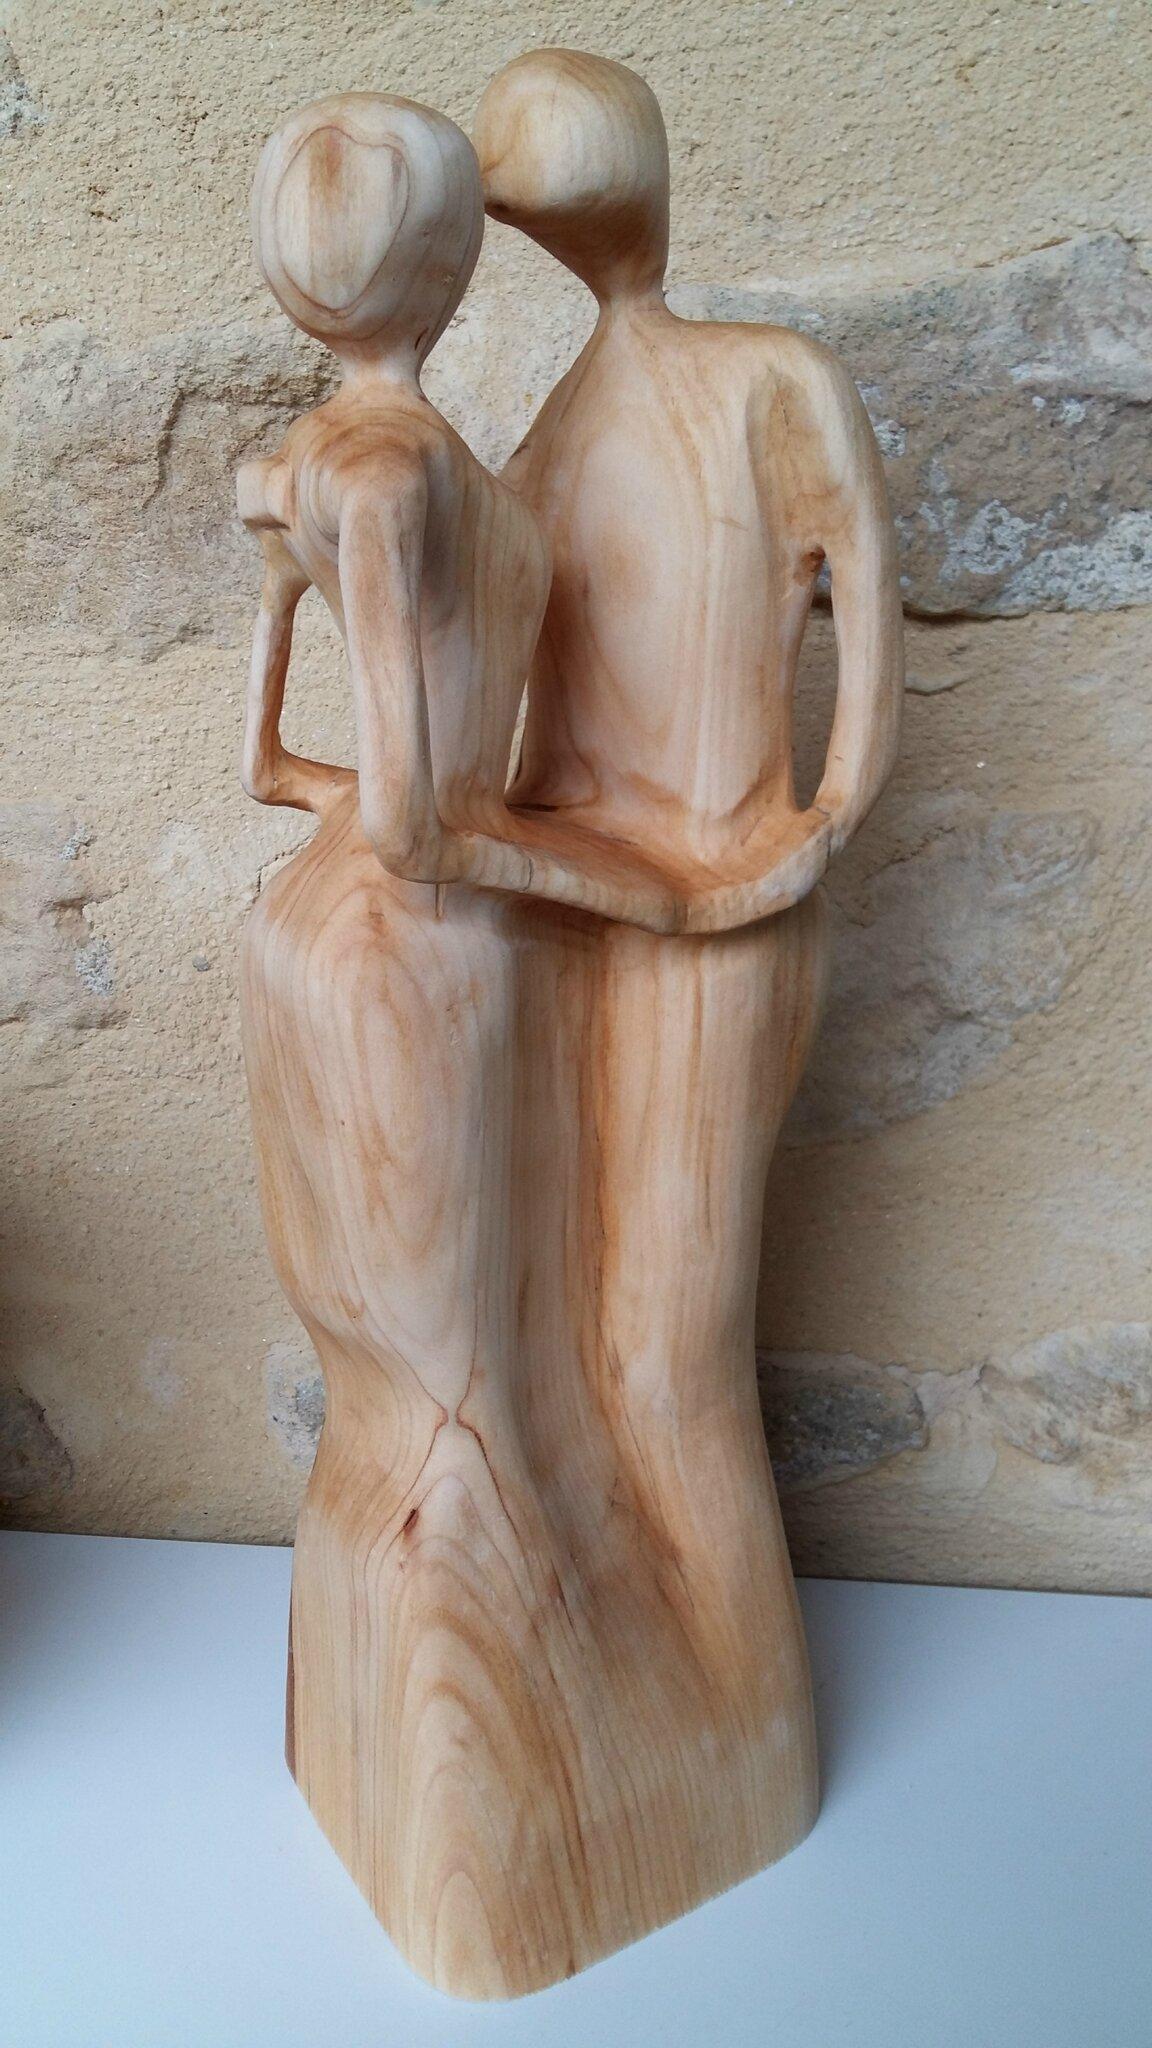 Une jolie parenthèse de boiserie, la sculpture sur bois